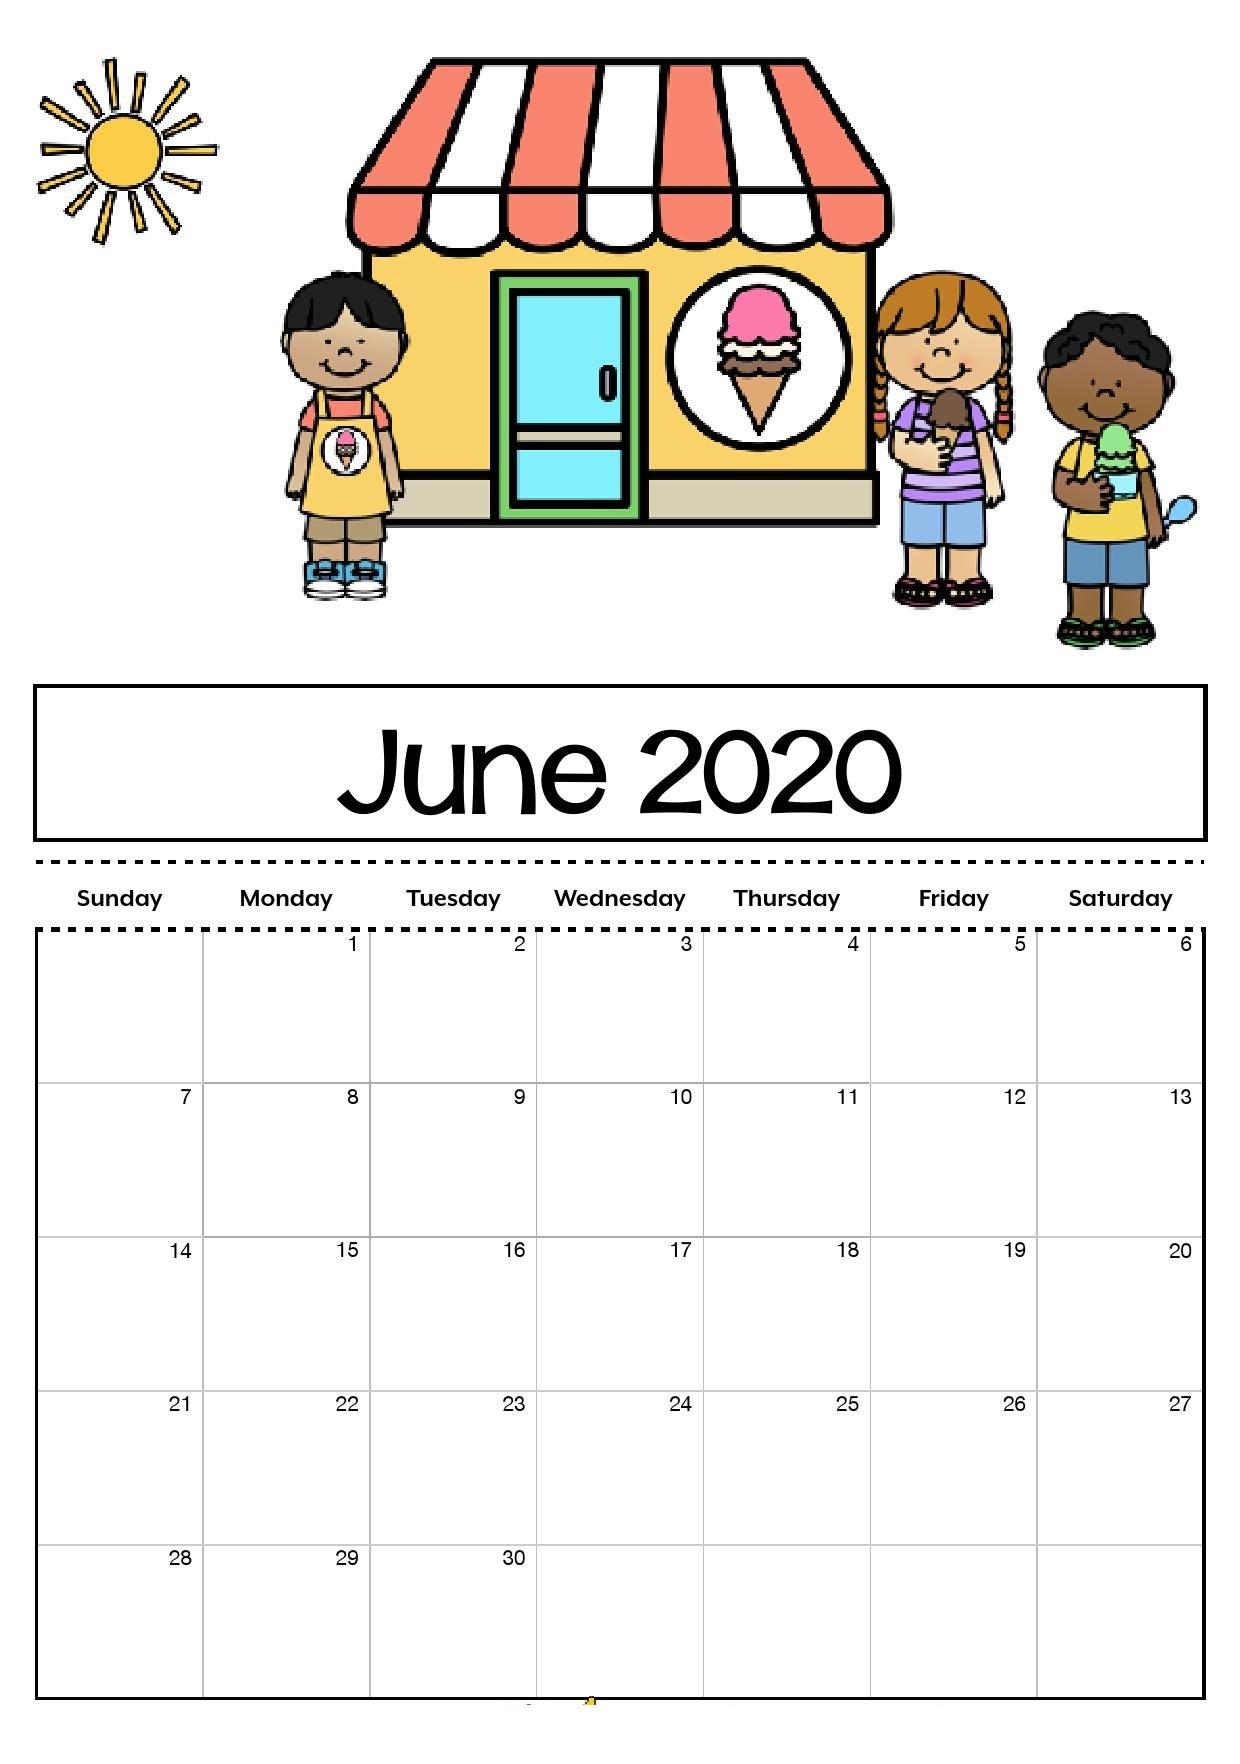 2020 Calendar June Printable